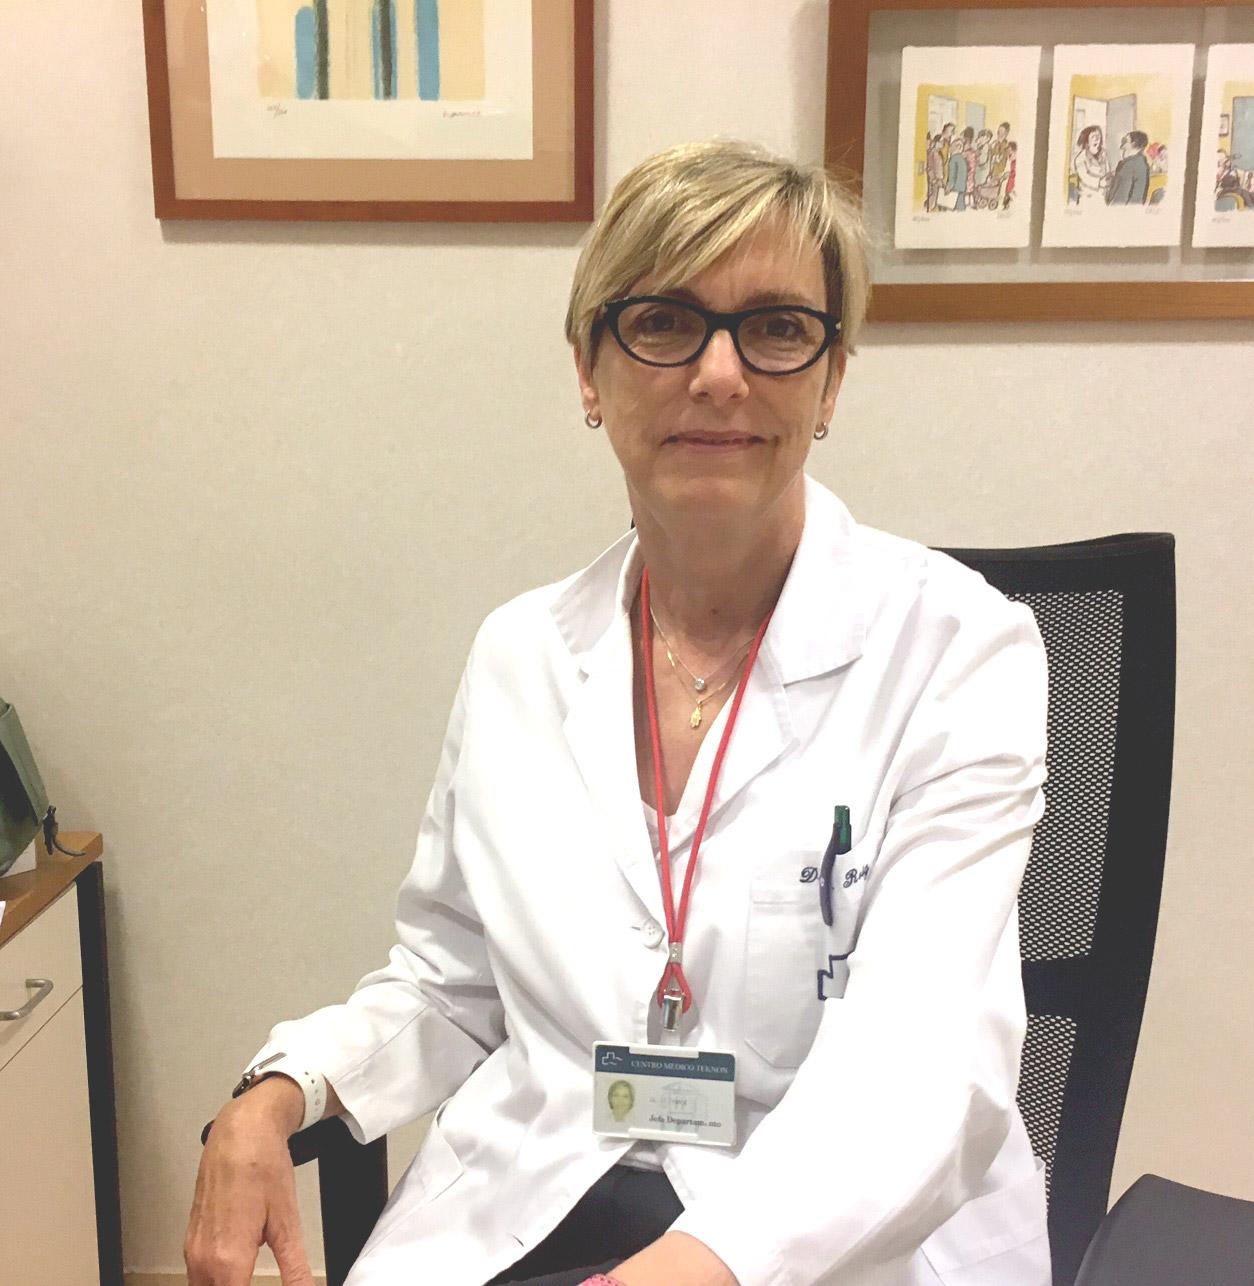 Dra. Susana Roig - Farmacia clínica